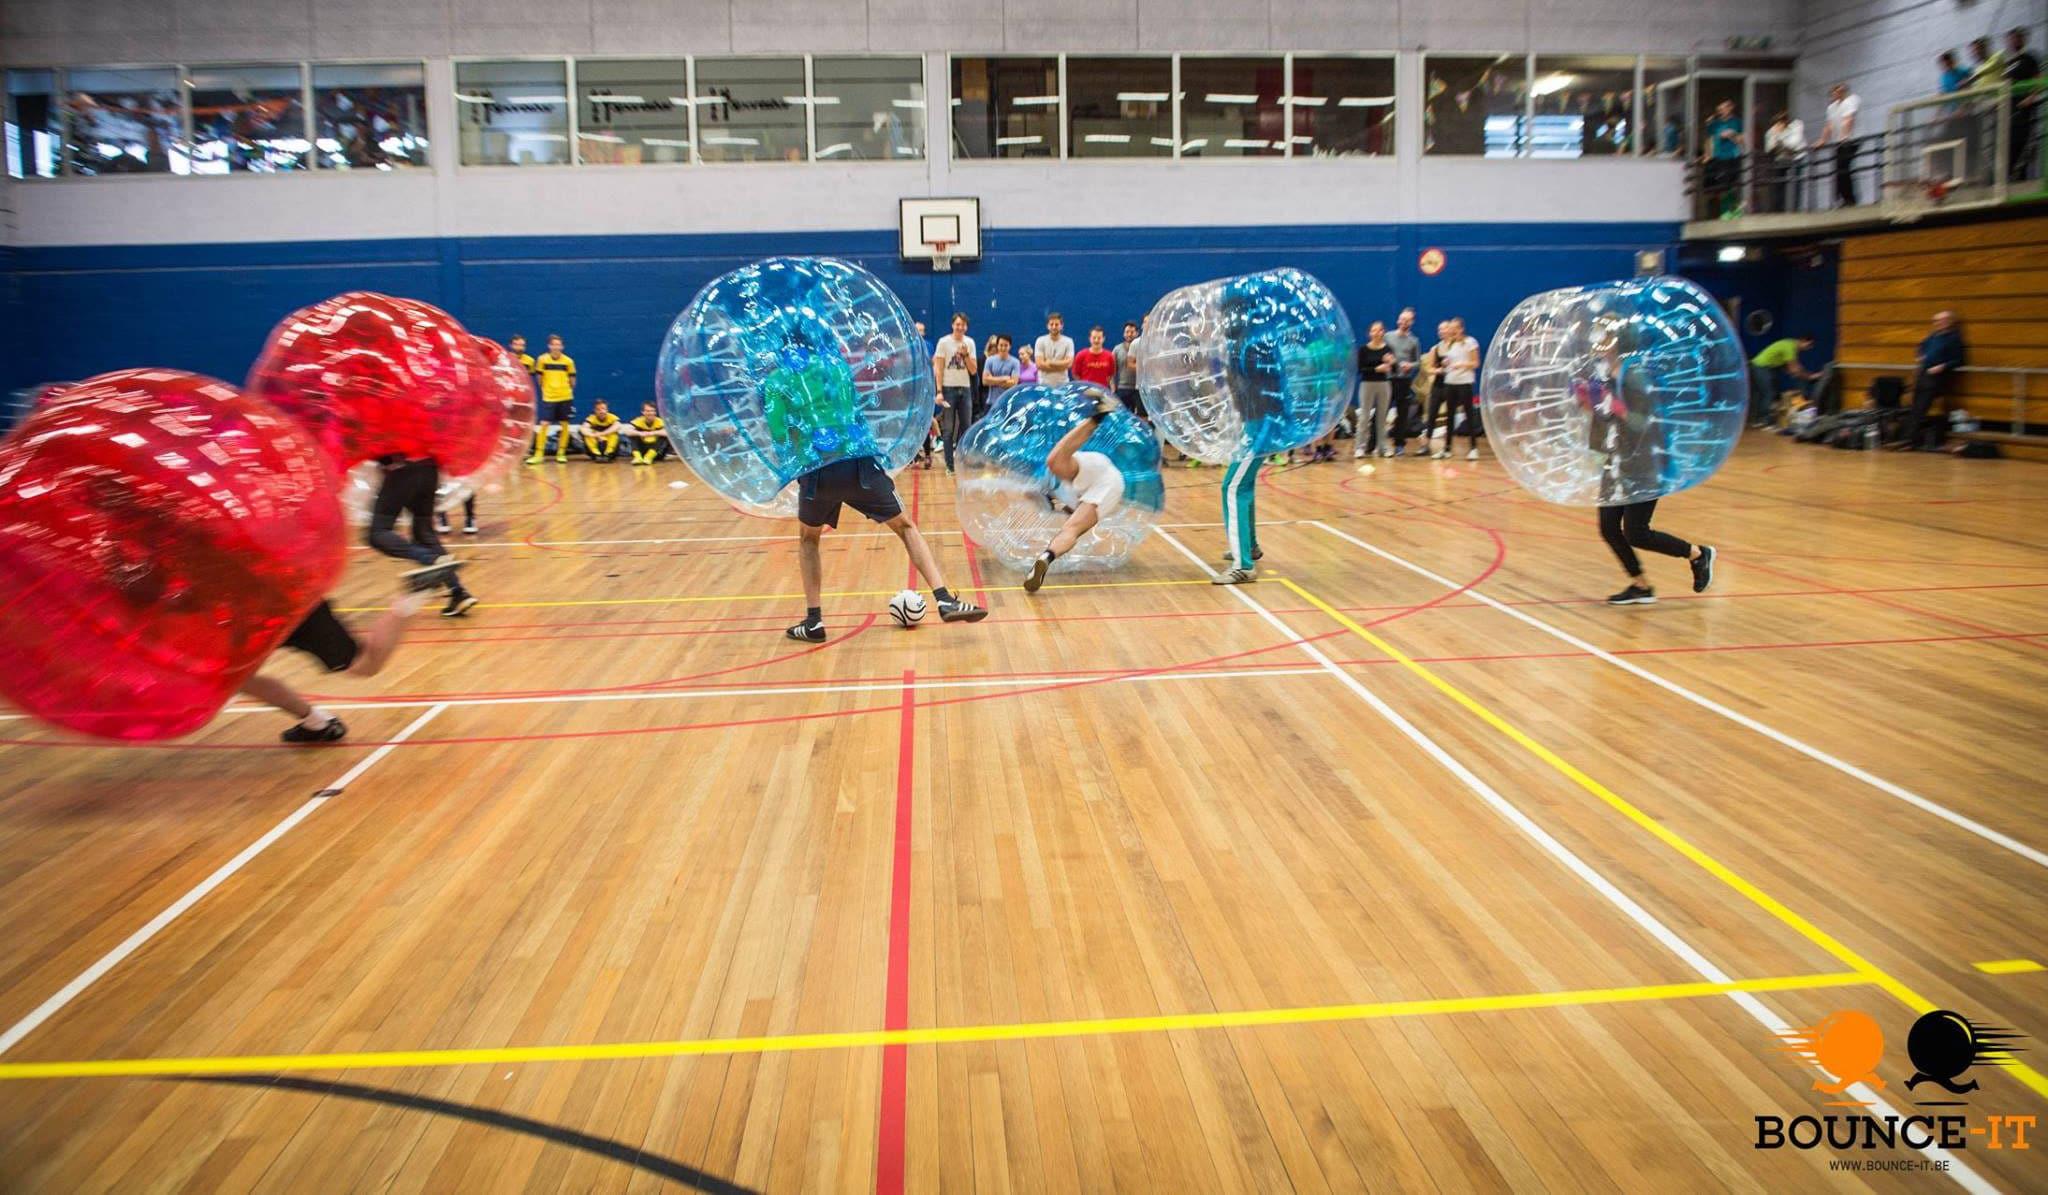 Dit is een foto met mensen die bubble voetbal spelen in een sporthal